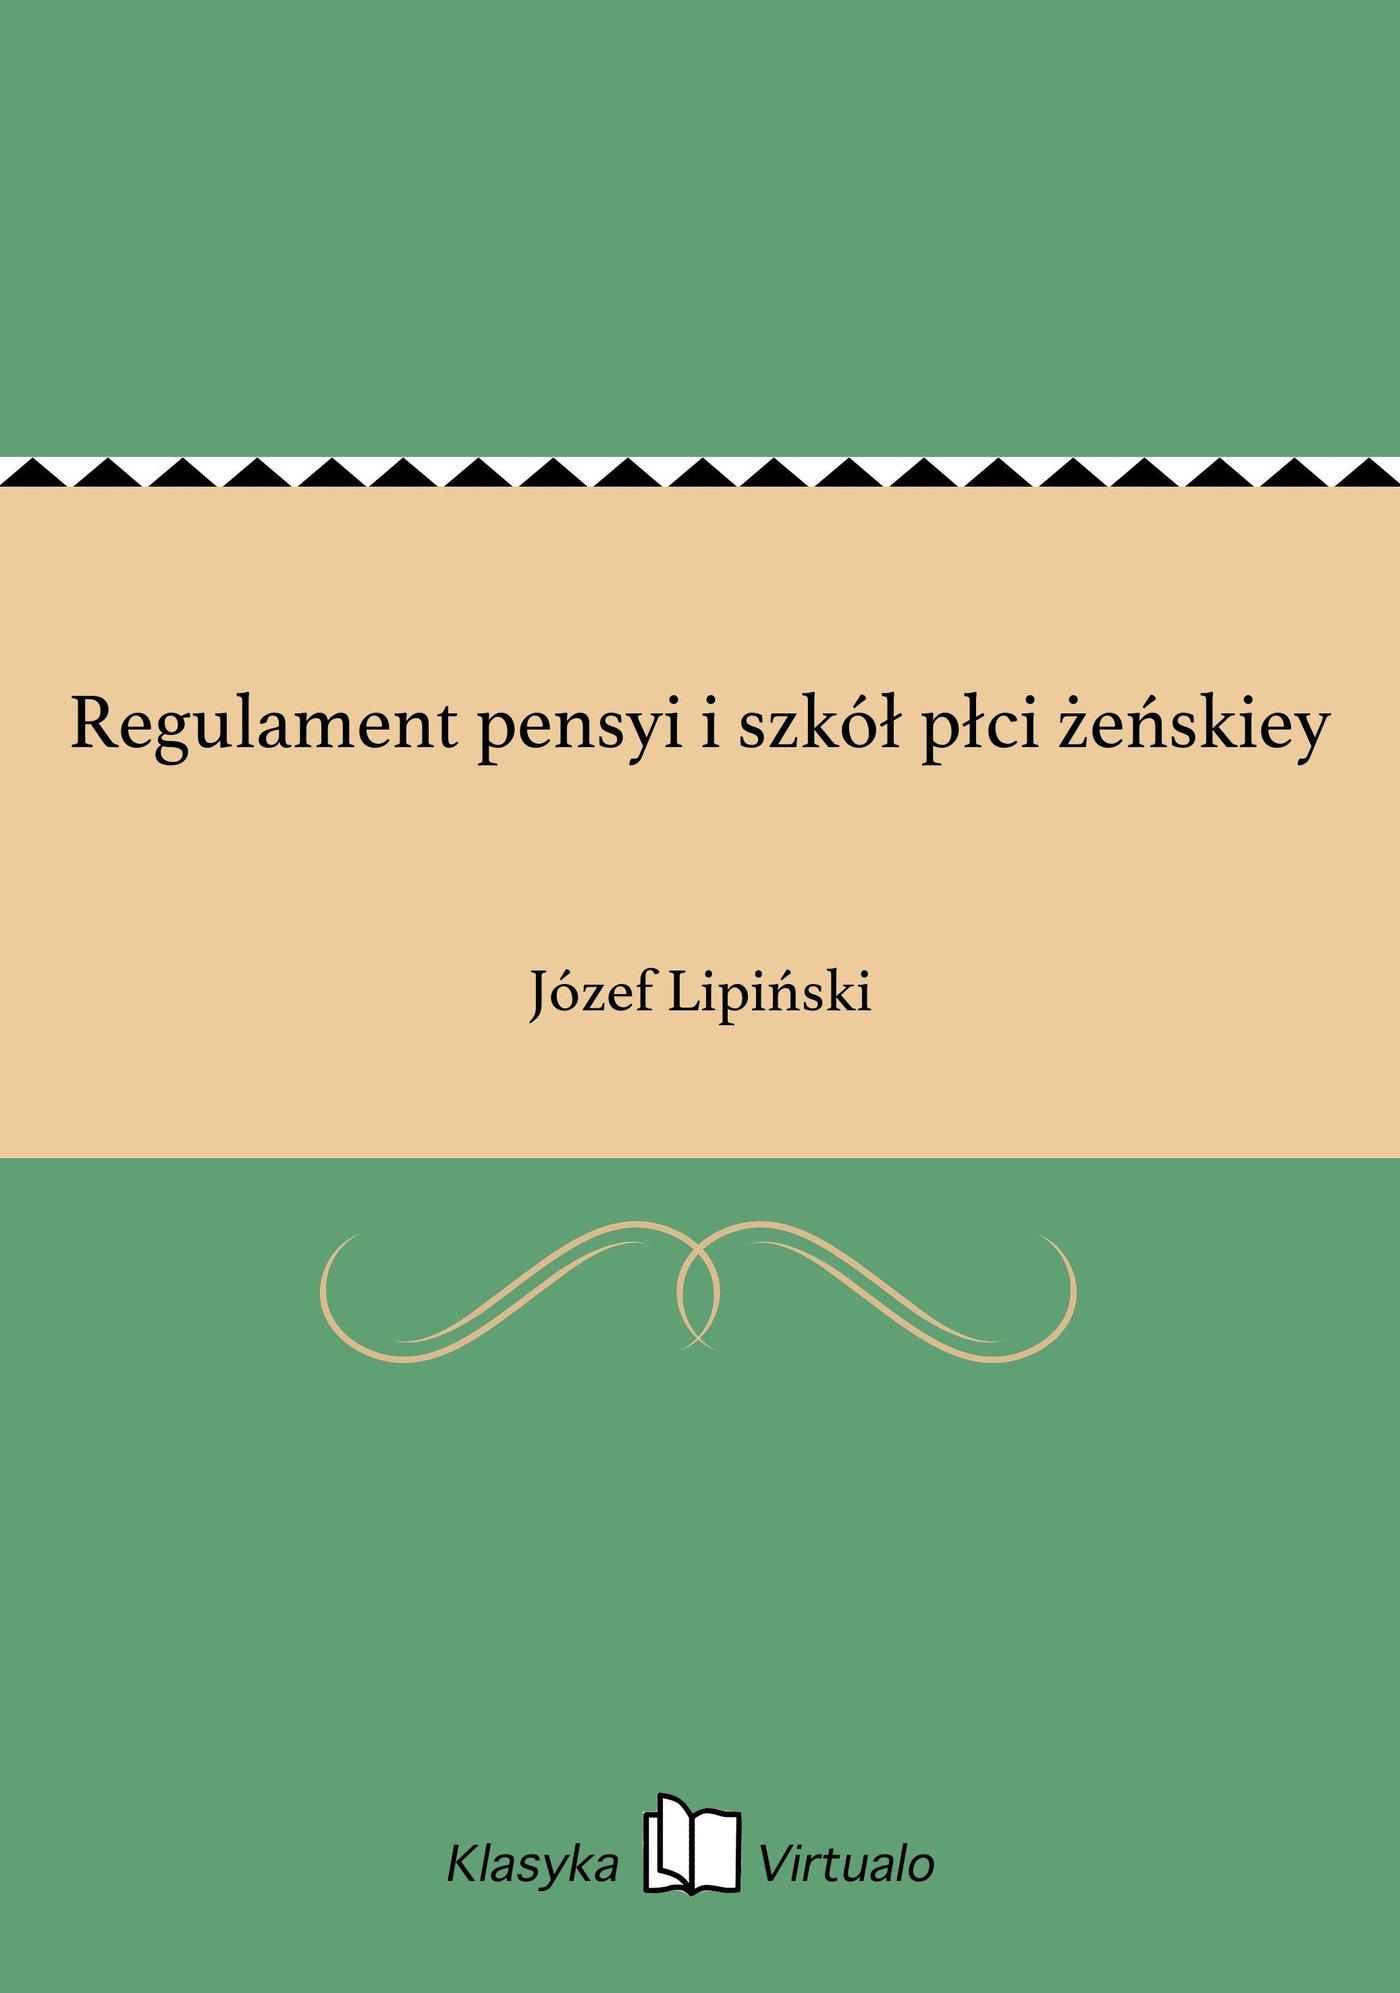 Regulament pensyi i szkół płci żeńskiey - Ebook (Książka na Kindle) do pobrania w formacie MOBI